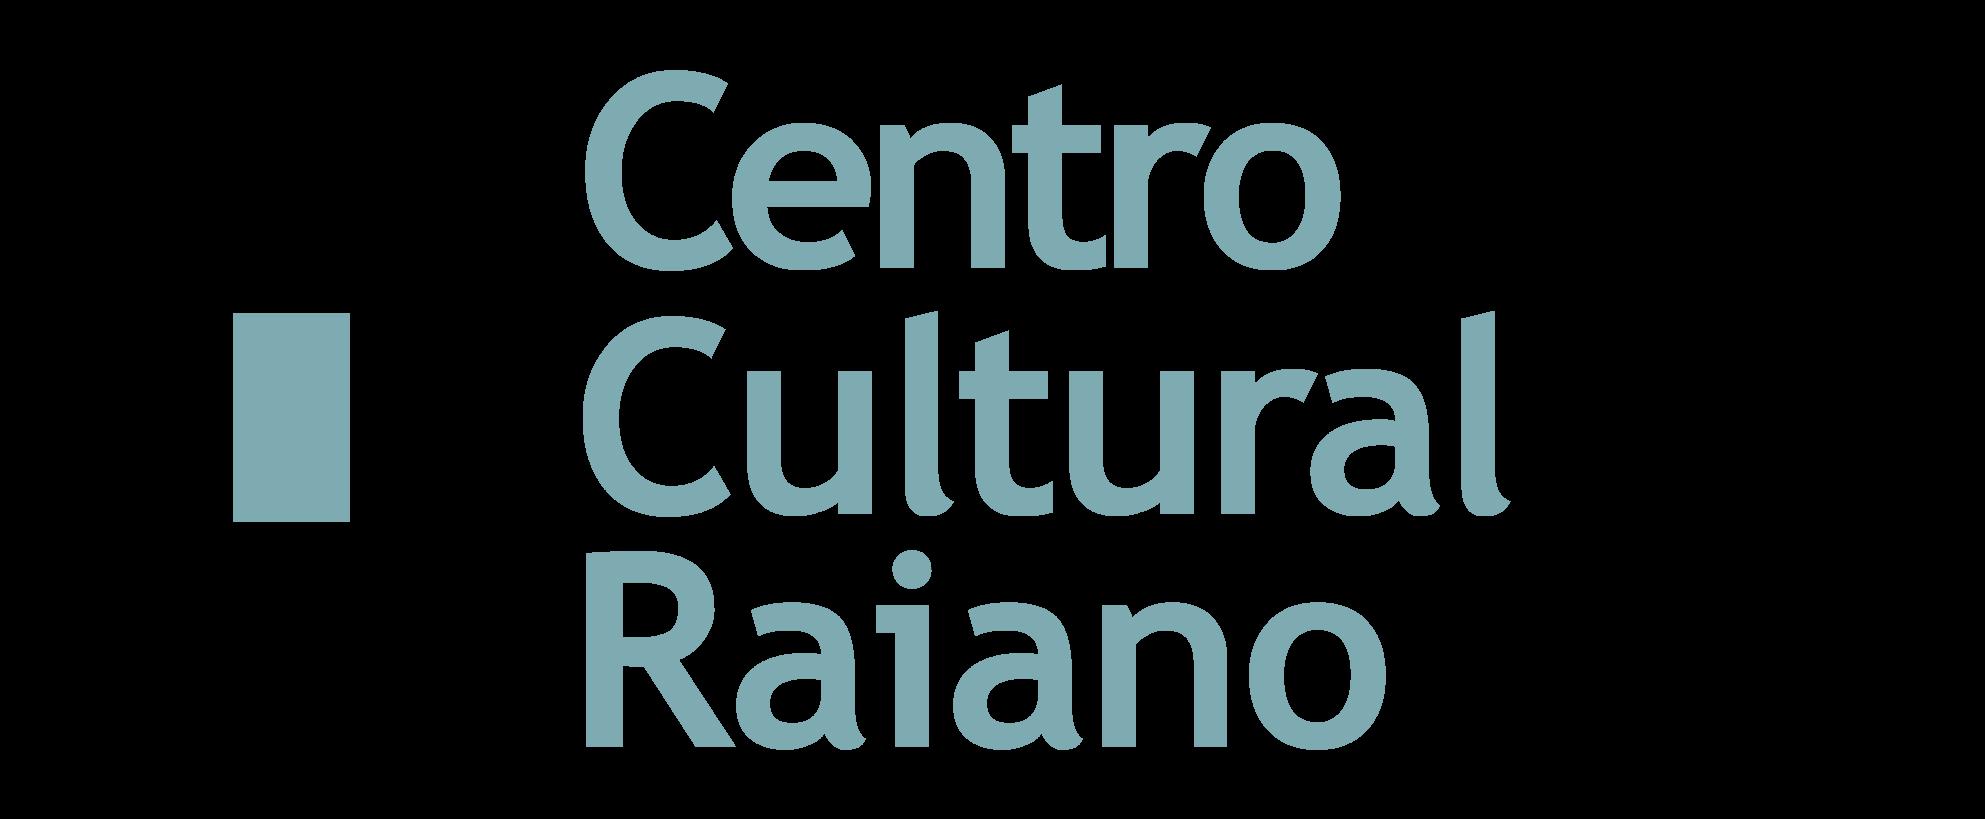 Centro Cultural Raiano